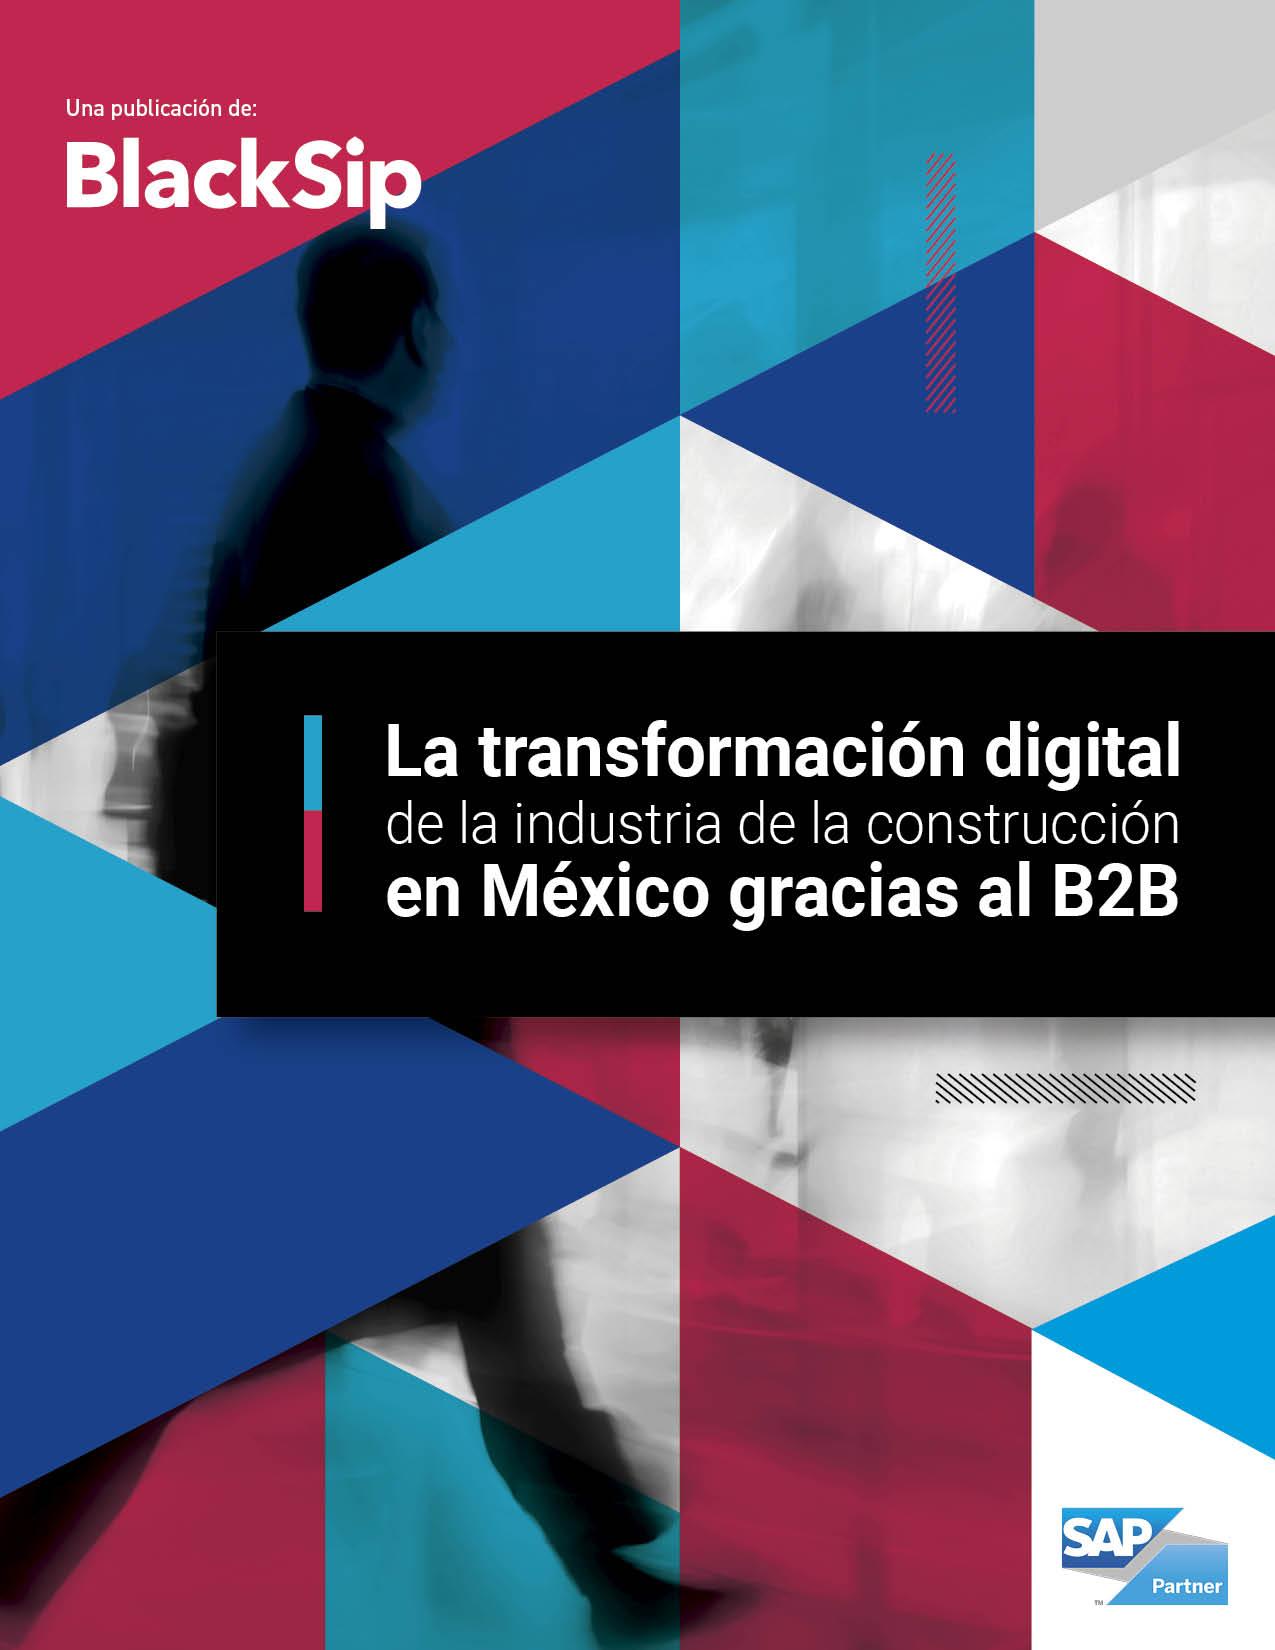 La transformación digital de la industria de la construcción en México gracias al B2B